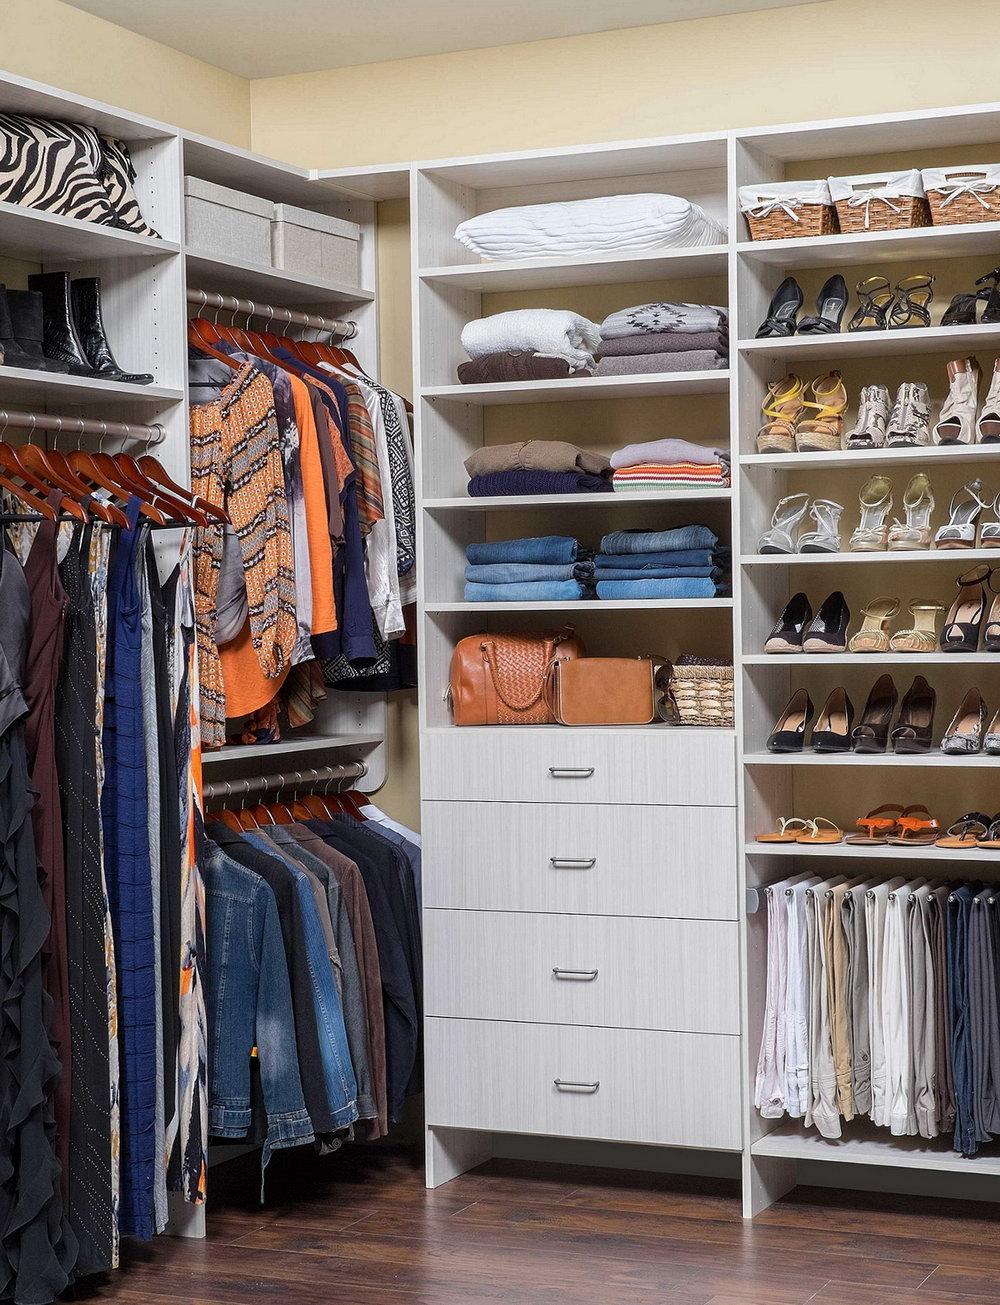 How To Design A Closet Space